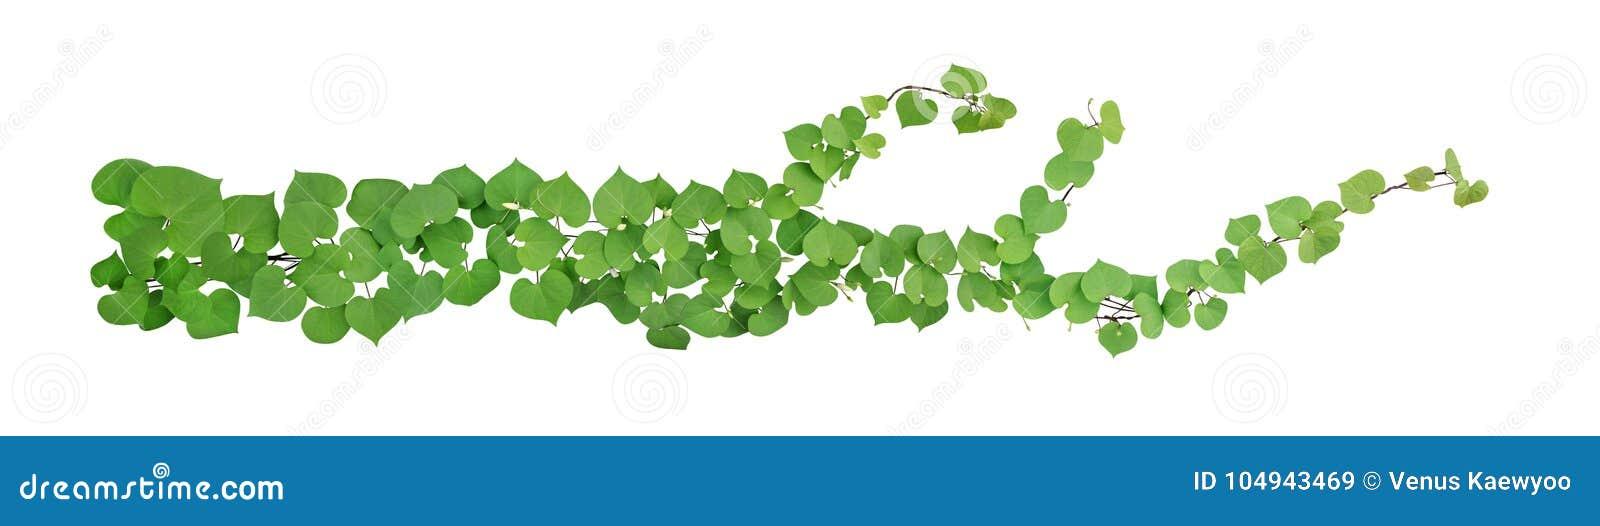 心形的绿色离开与被隔绝的芽花攀缘藤本热带植物在白色背景,包括的裁减路线